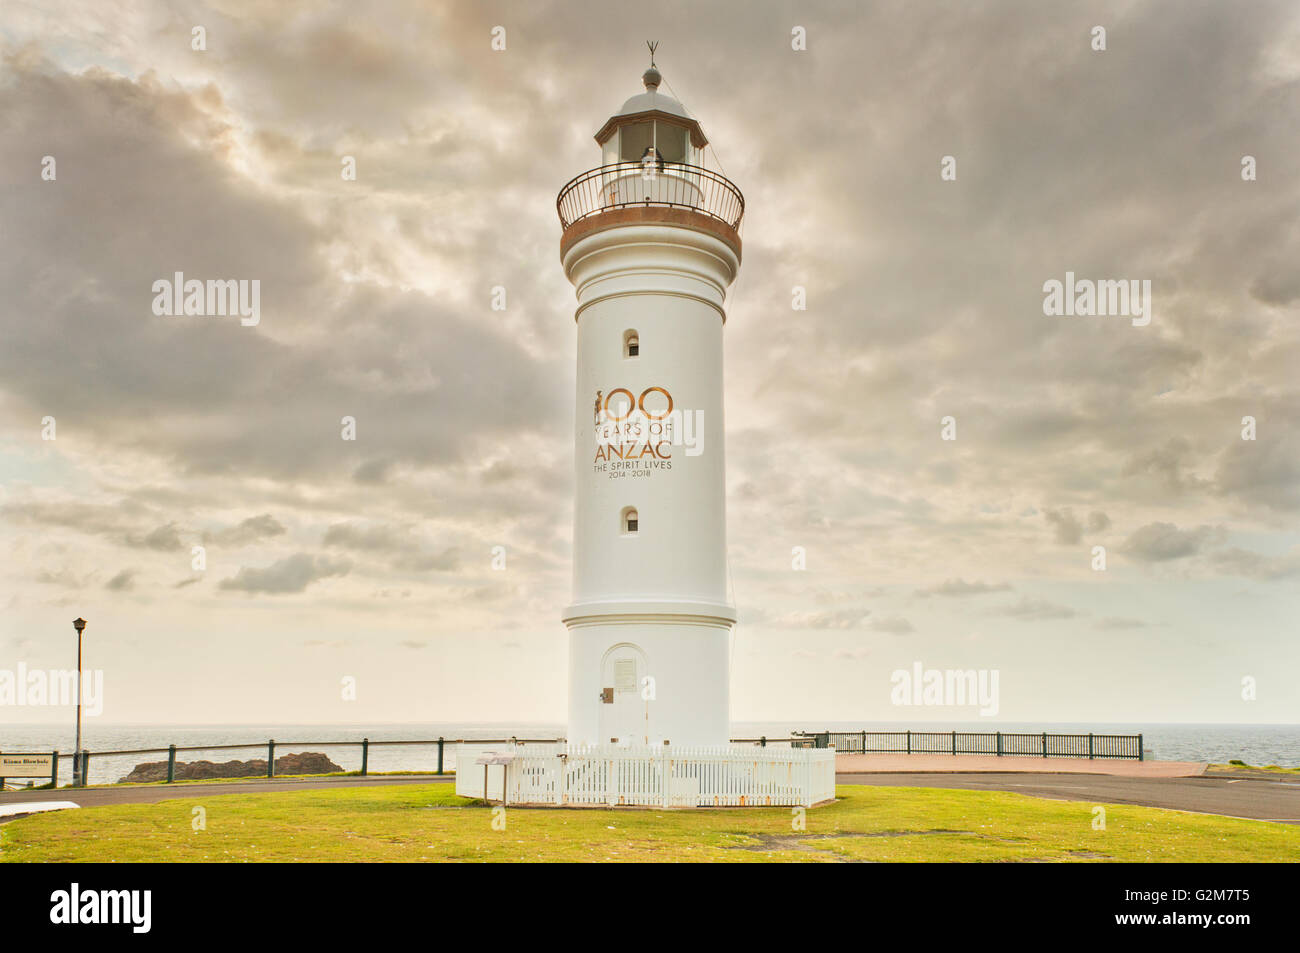 Kiama phare avec son 100 anniversaire de l'ANZAC day hommage. Photo Stock